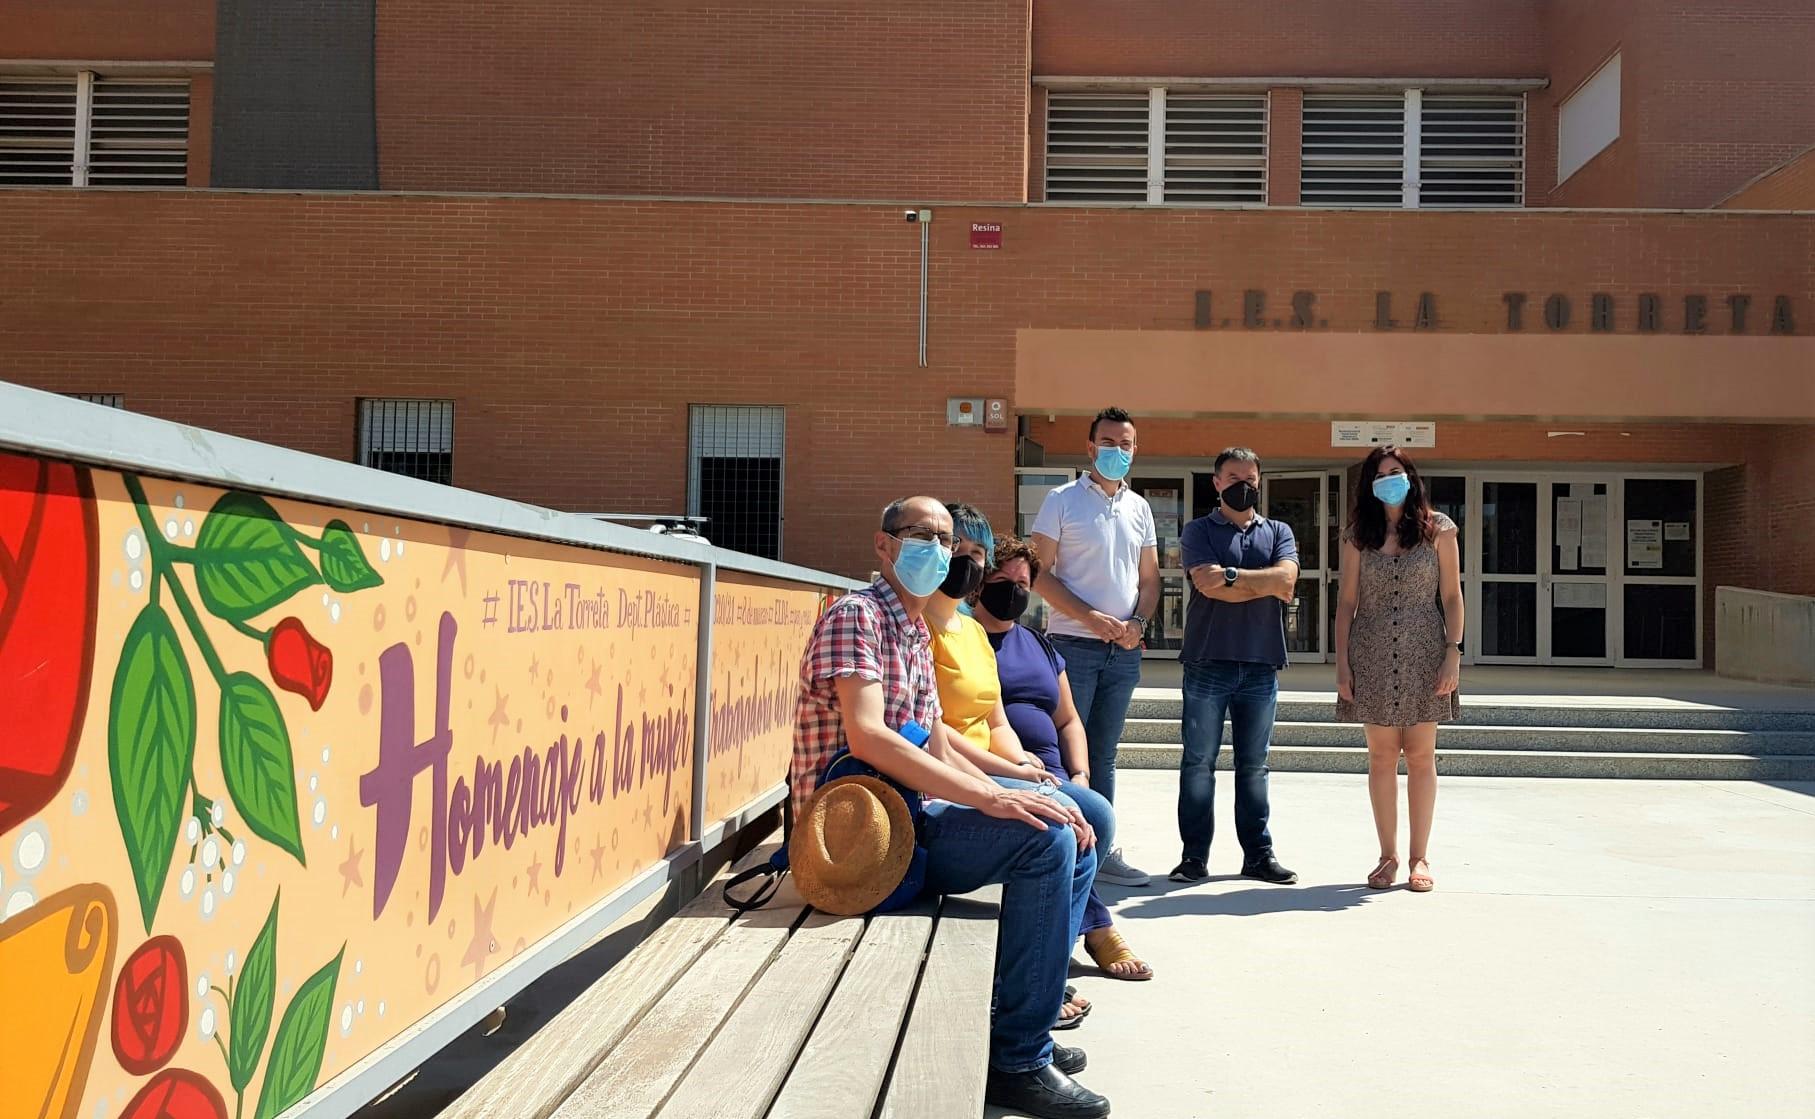 El IES La Torreta instala un mural de diez metros de longitud dedicado a la mujer trabajadora realizado por el alumnado del centro